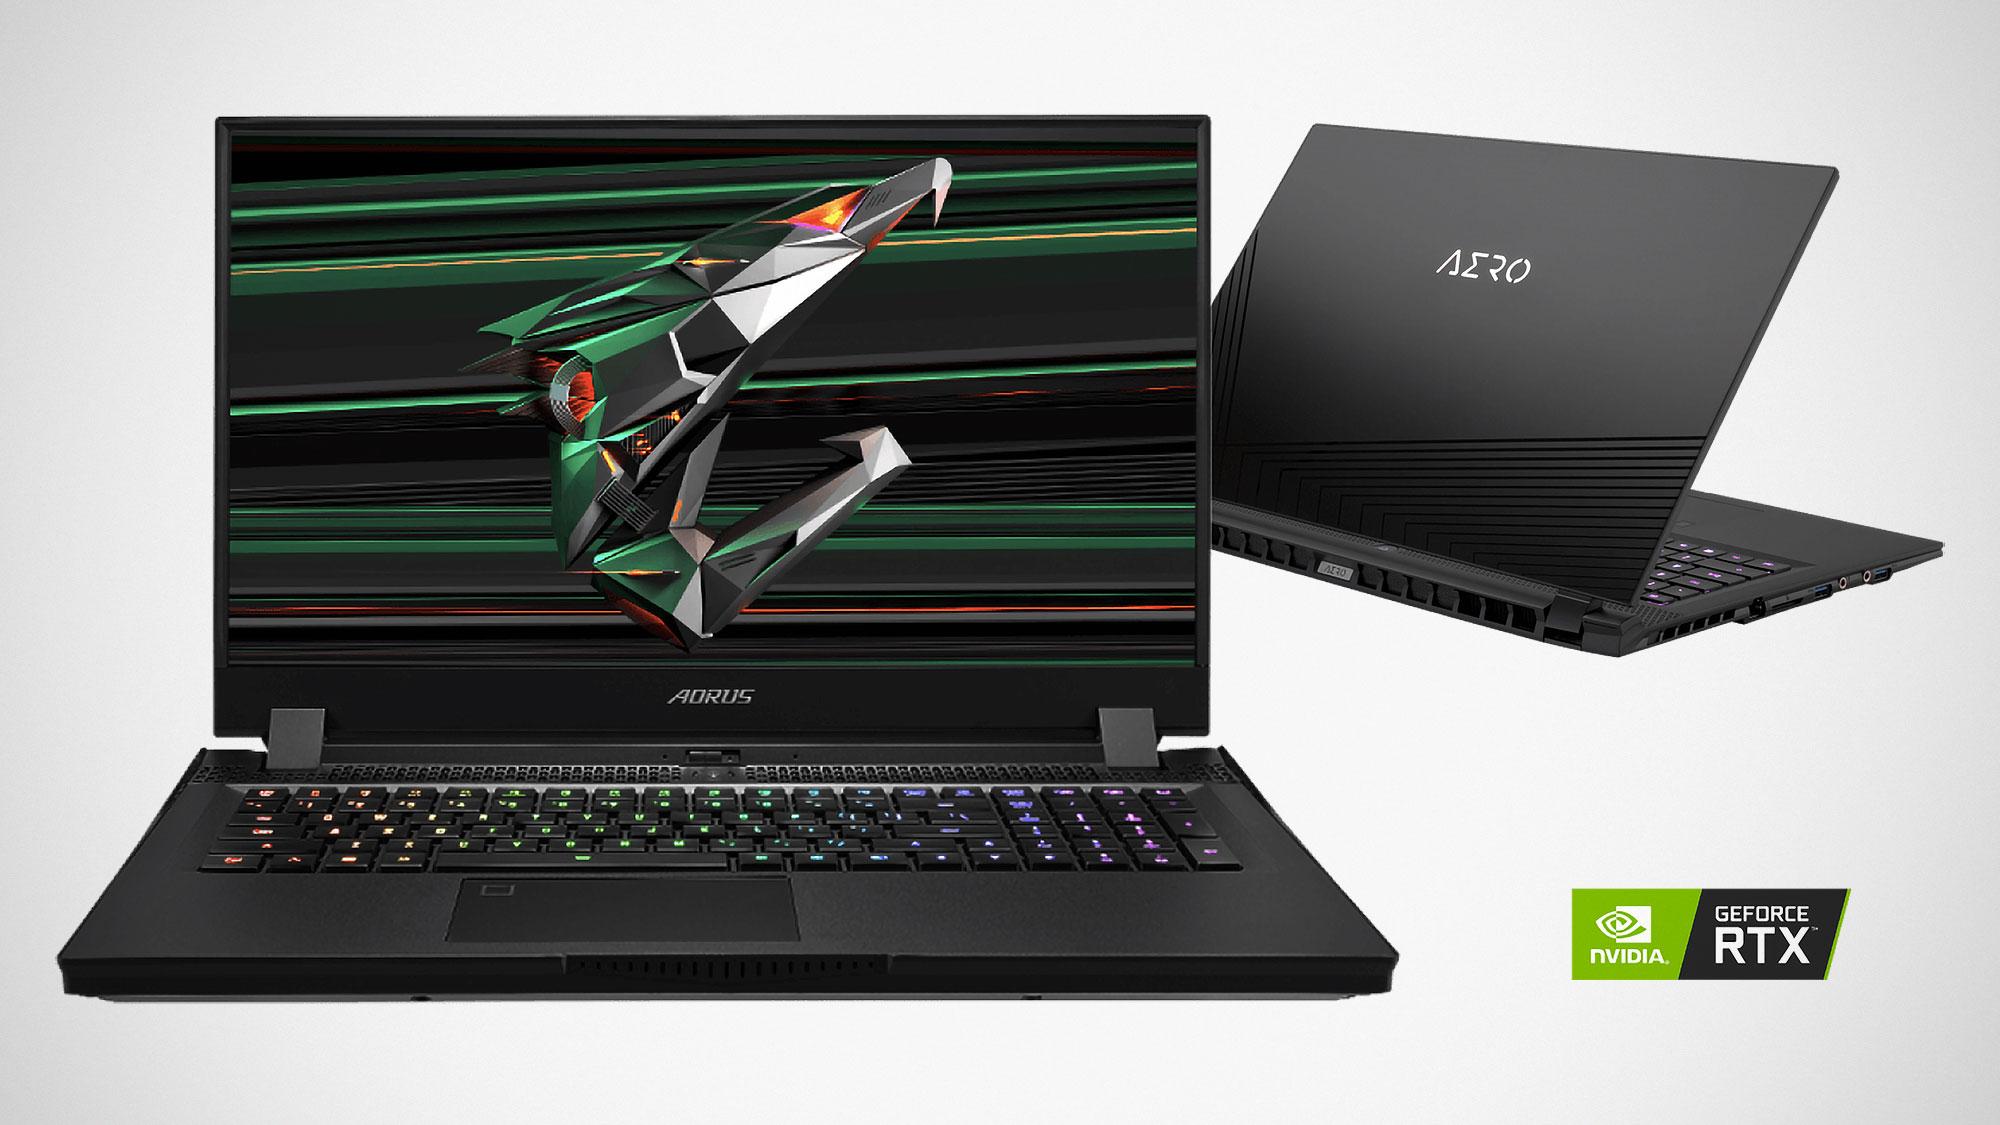 GIGABYTE AORUS RTX 30 Series Laptops